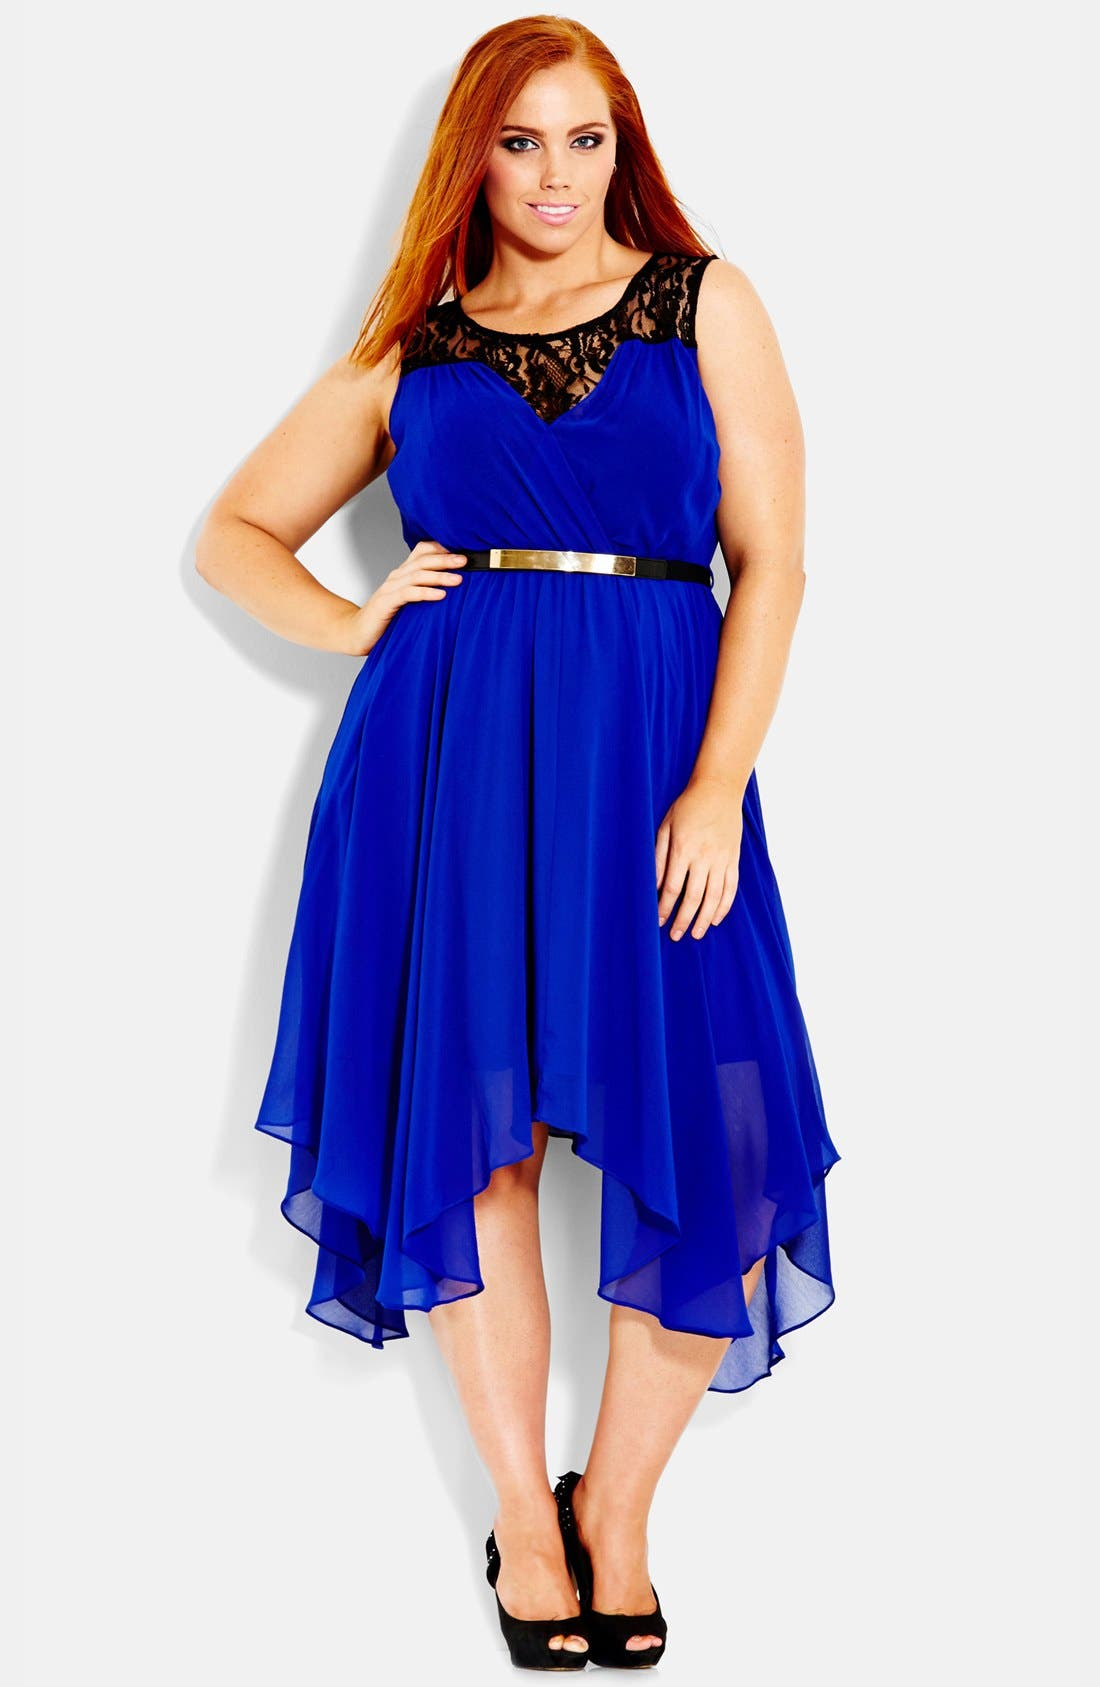 Main Image - City Chic Chiffon & Lace Keyhole Dress (Plus Size)